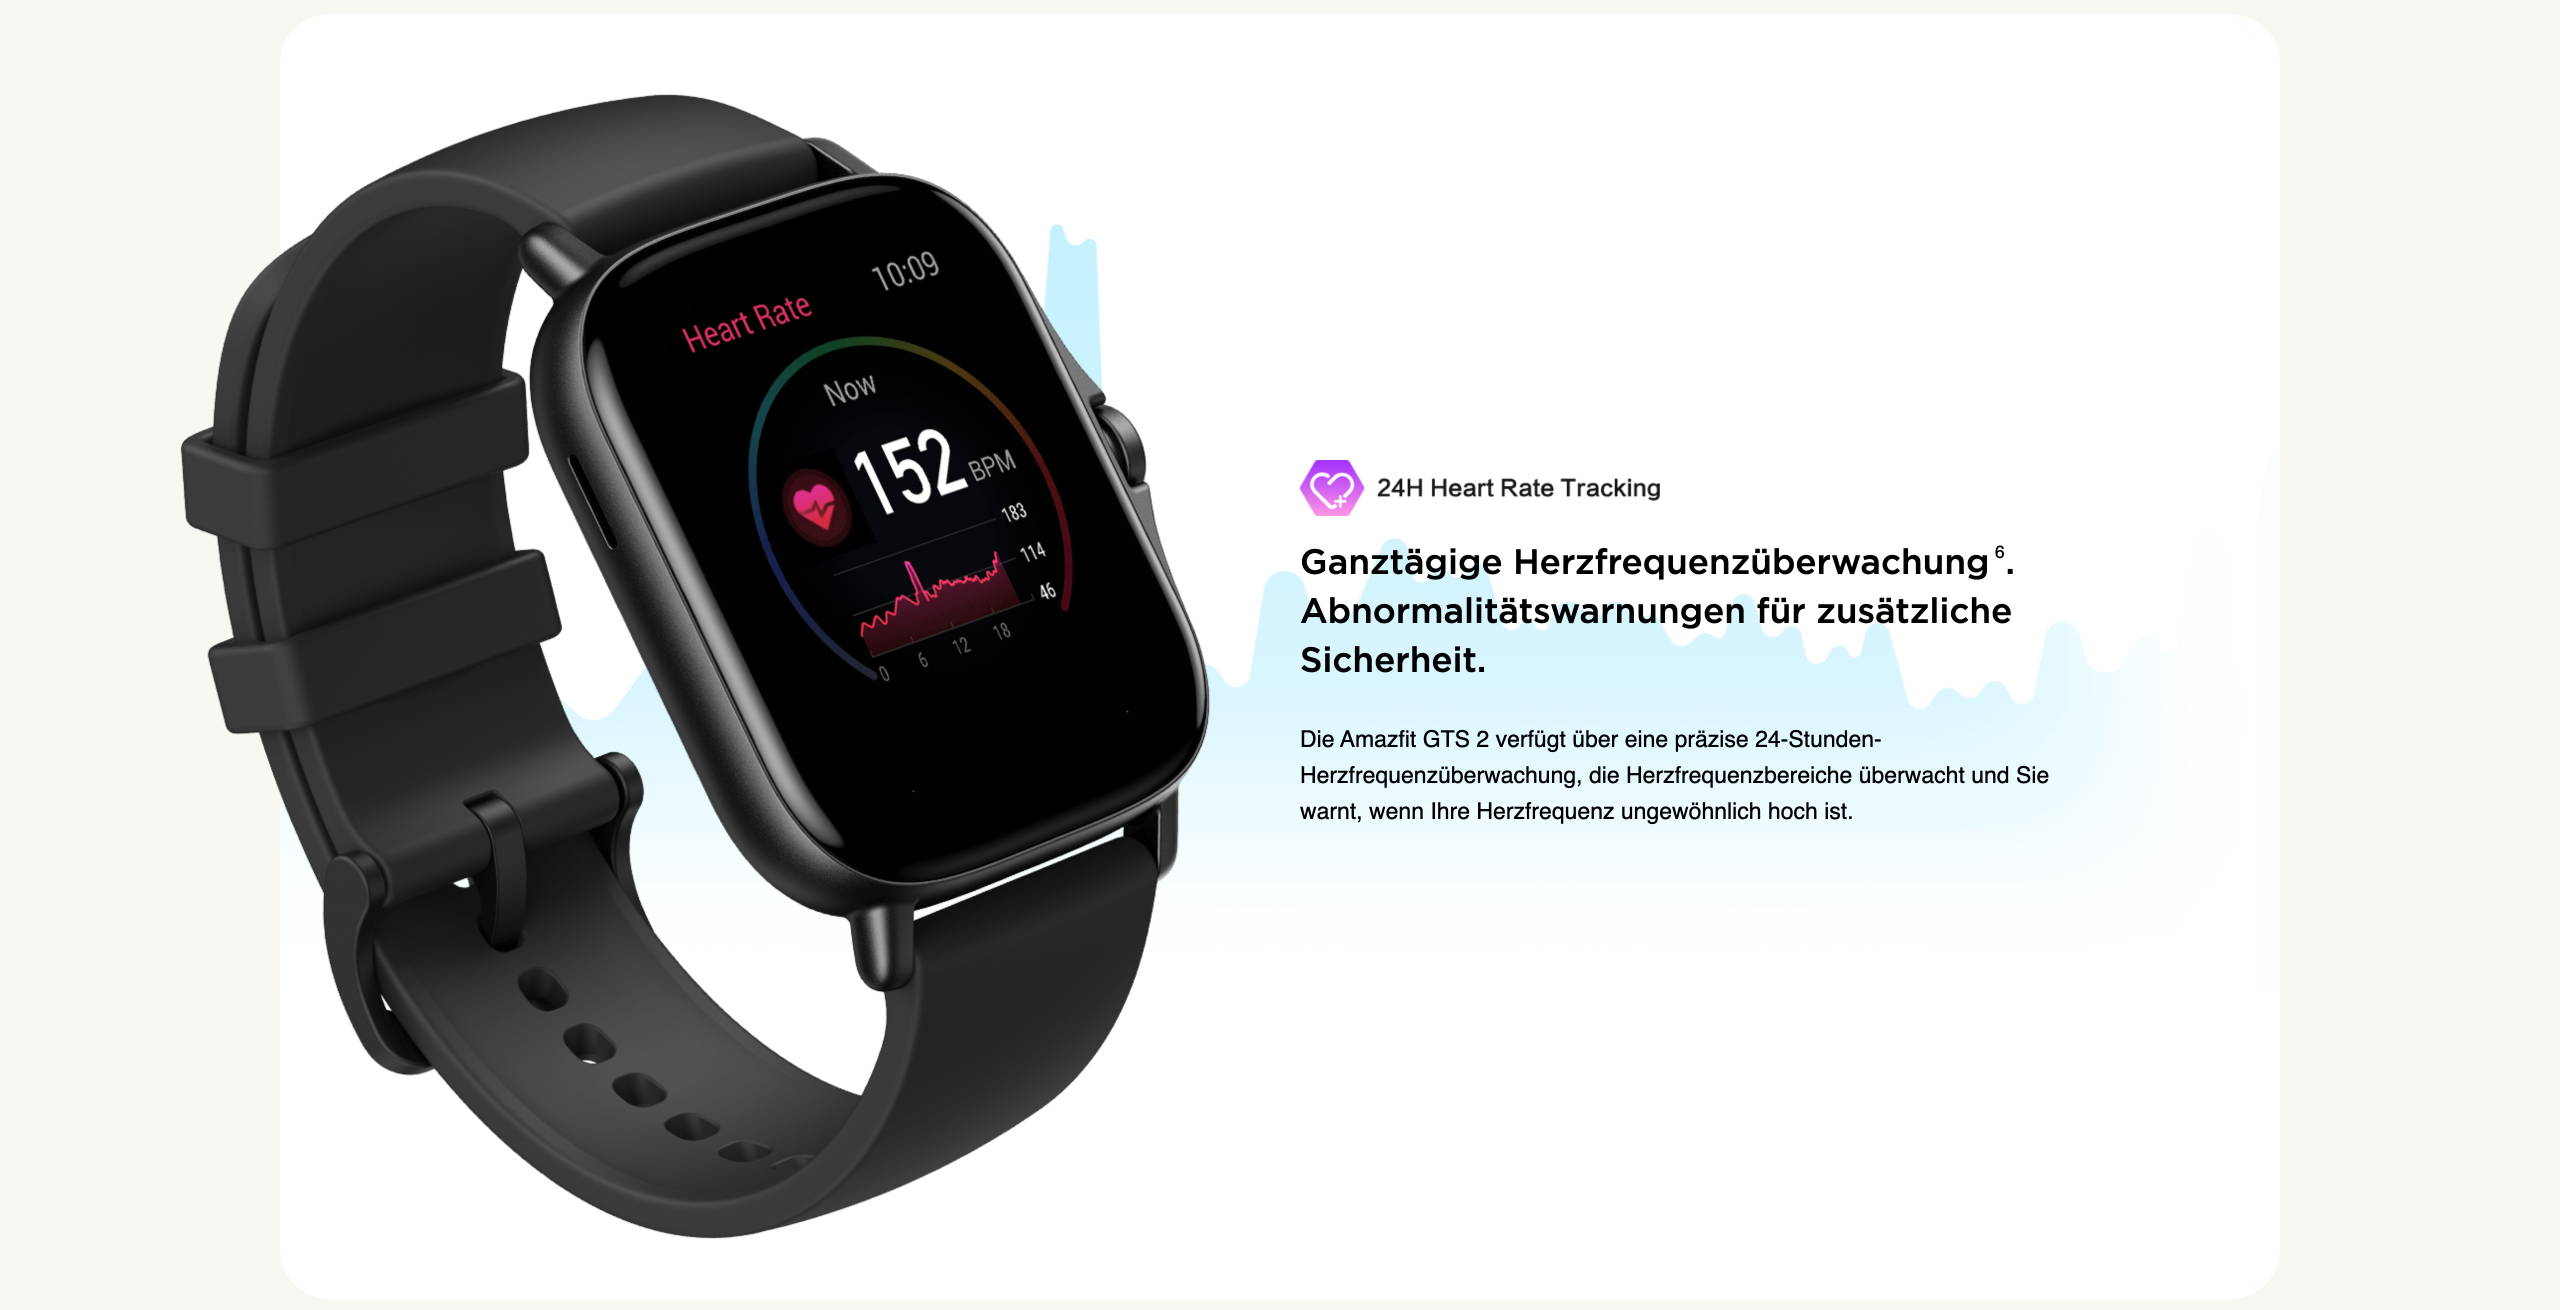 Amazfit GTS 2 - Ganztägige Herzfrequenzüberwachung. Abnormalitätswarnungen für zusätzliche Sicherheit.